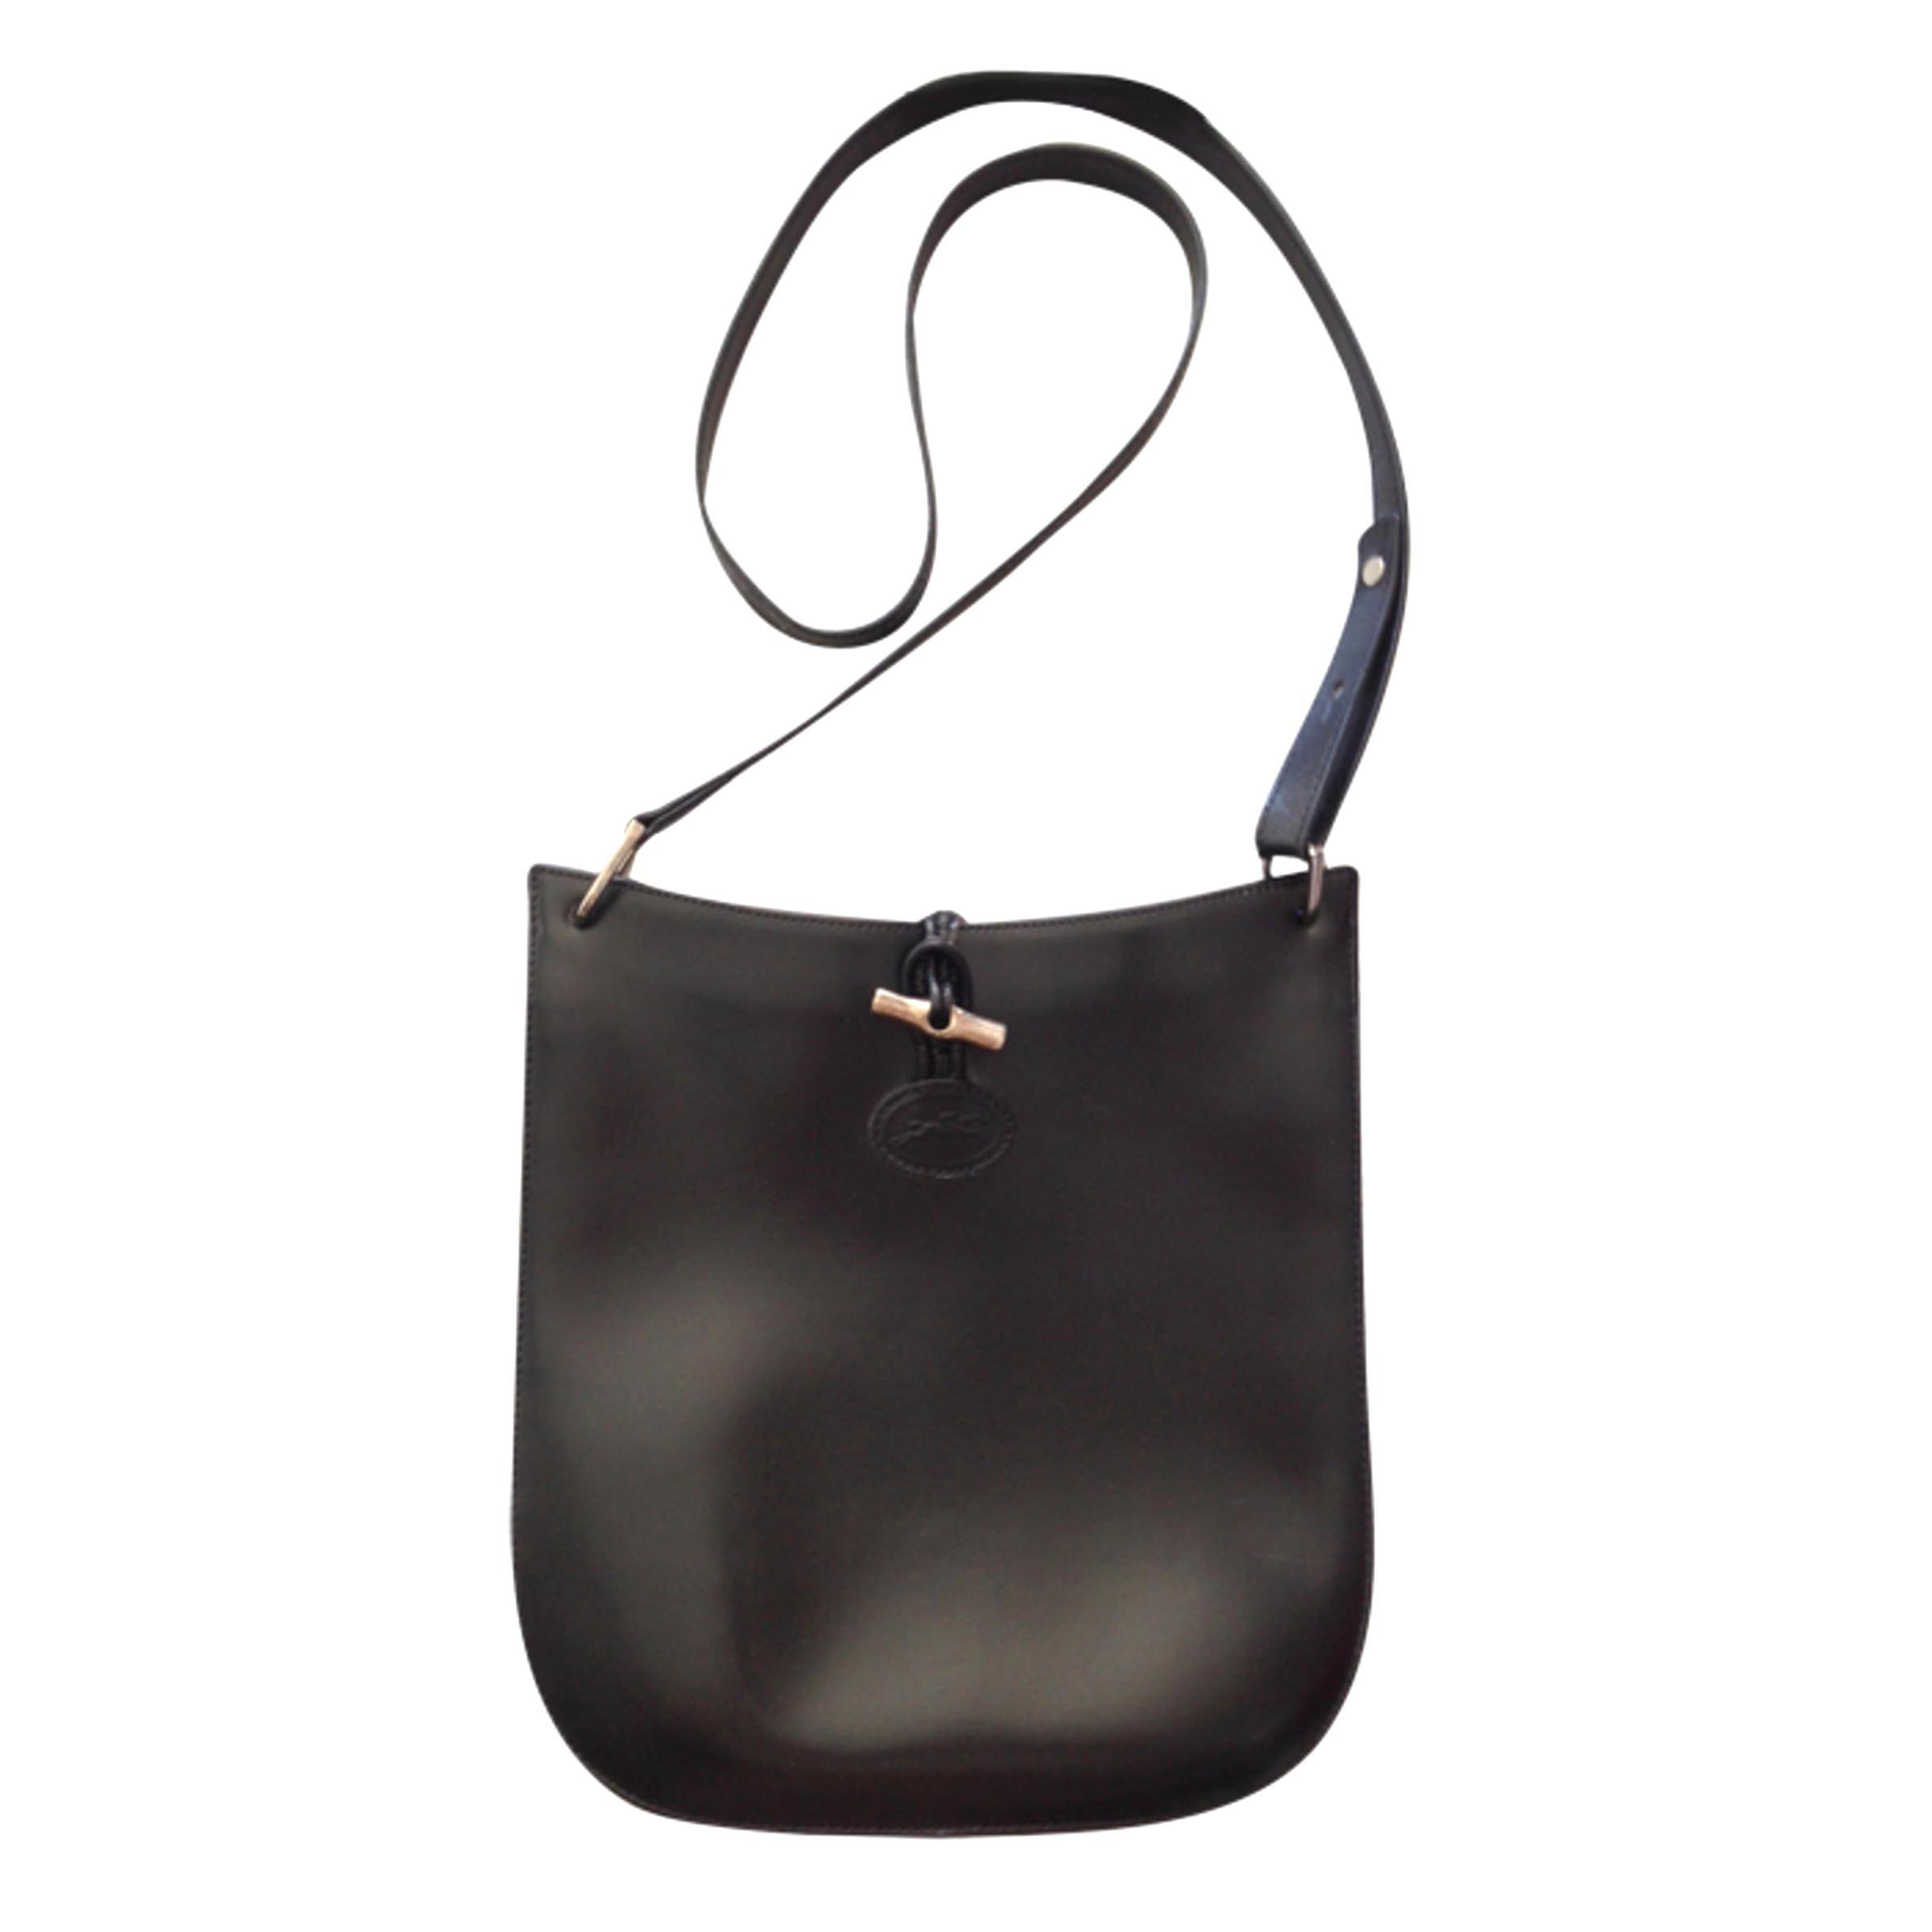 sac longchamp bandouliere cuir noir d'occasion